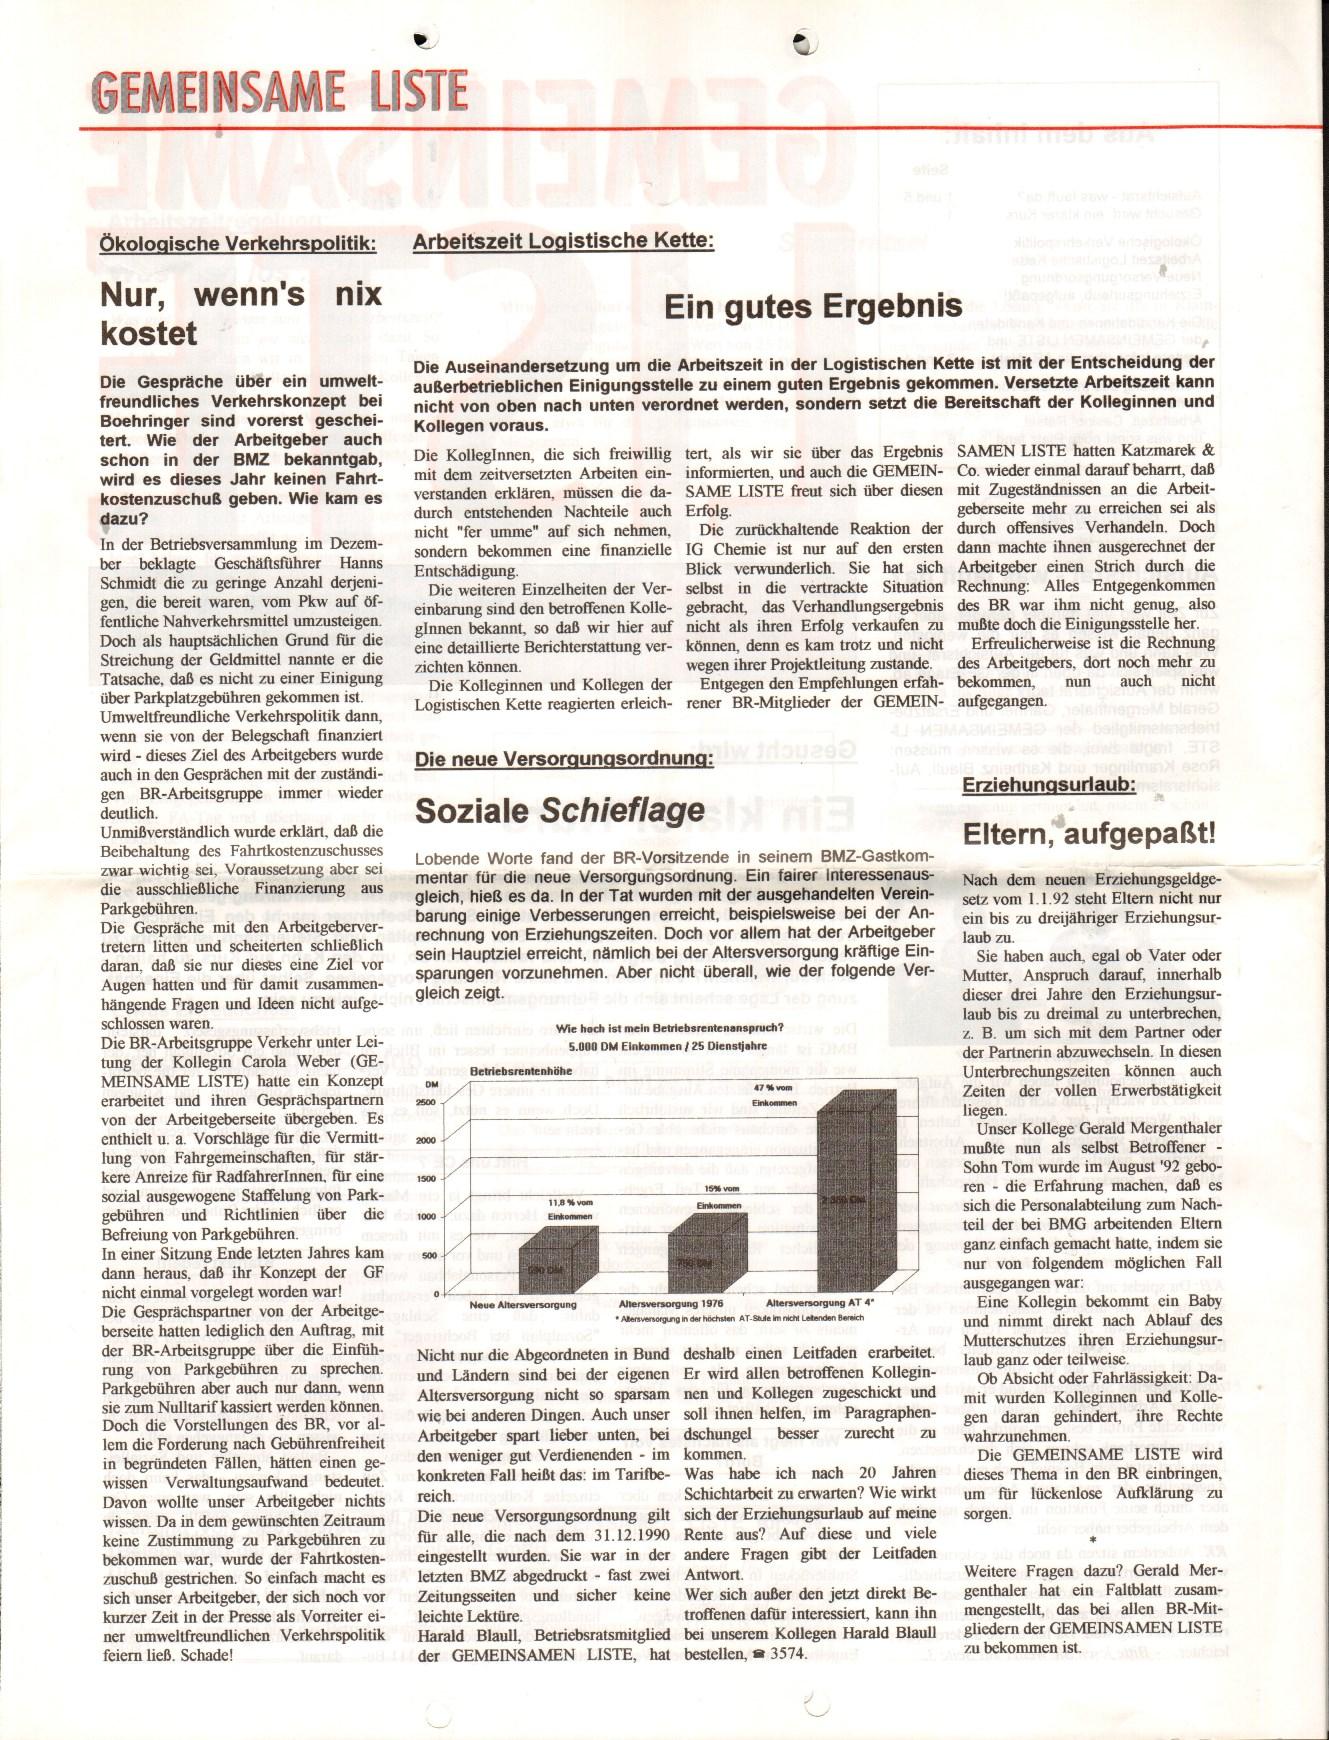 Mannheim_Boehringer_Gemeinsame_Liste_1993_01_02